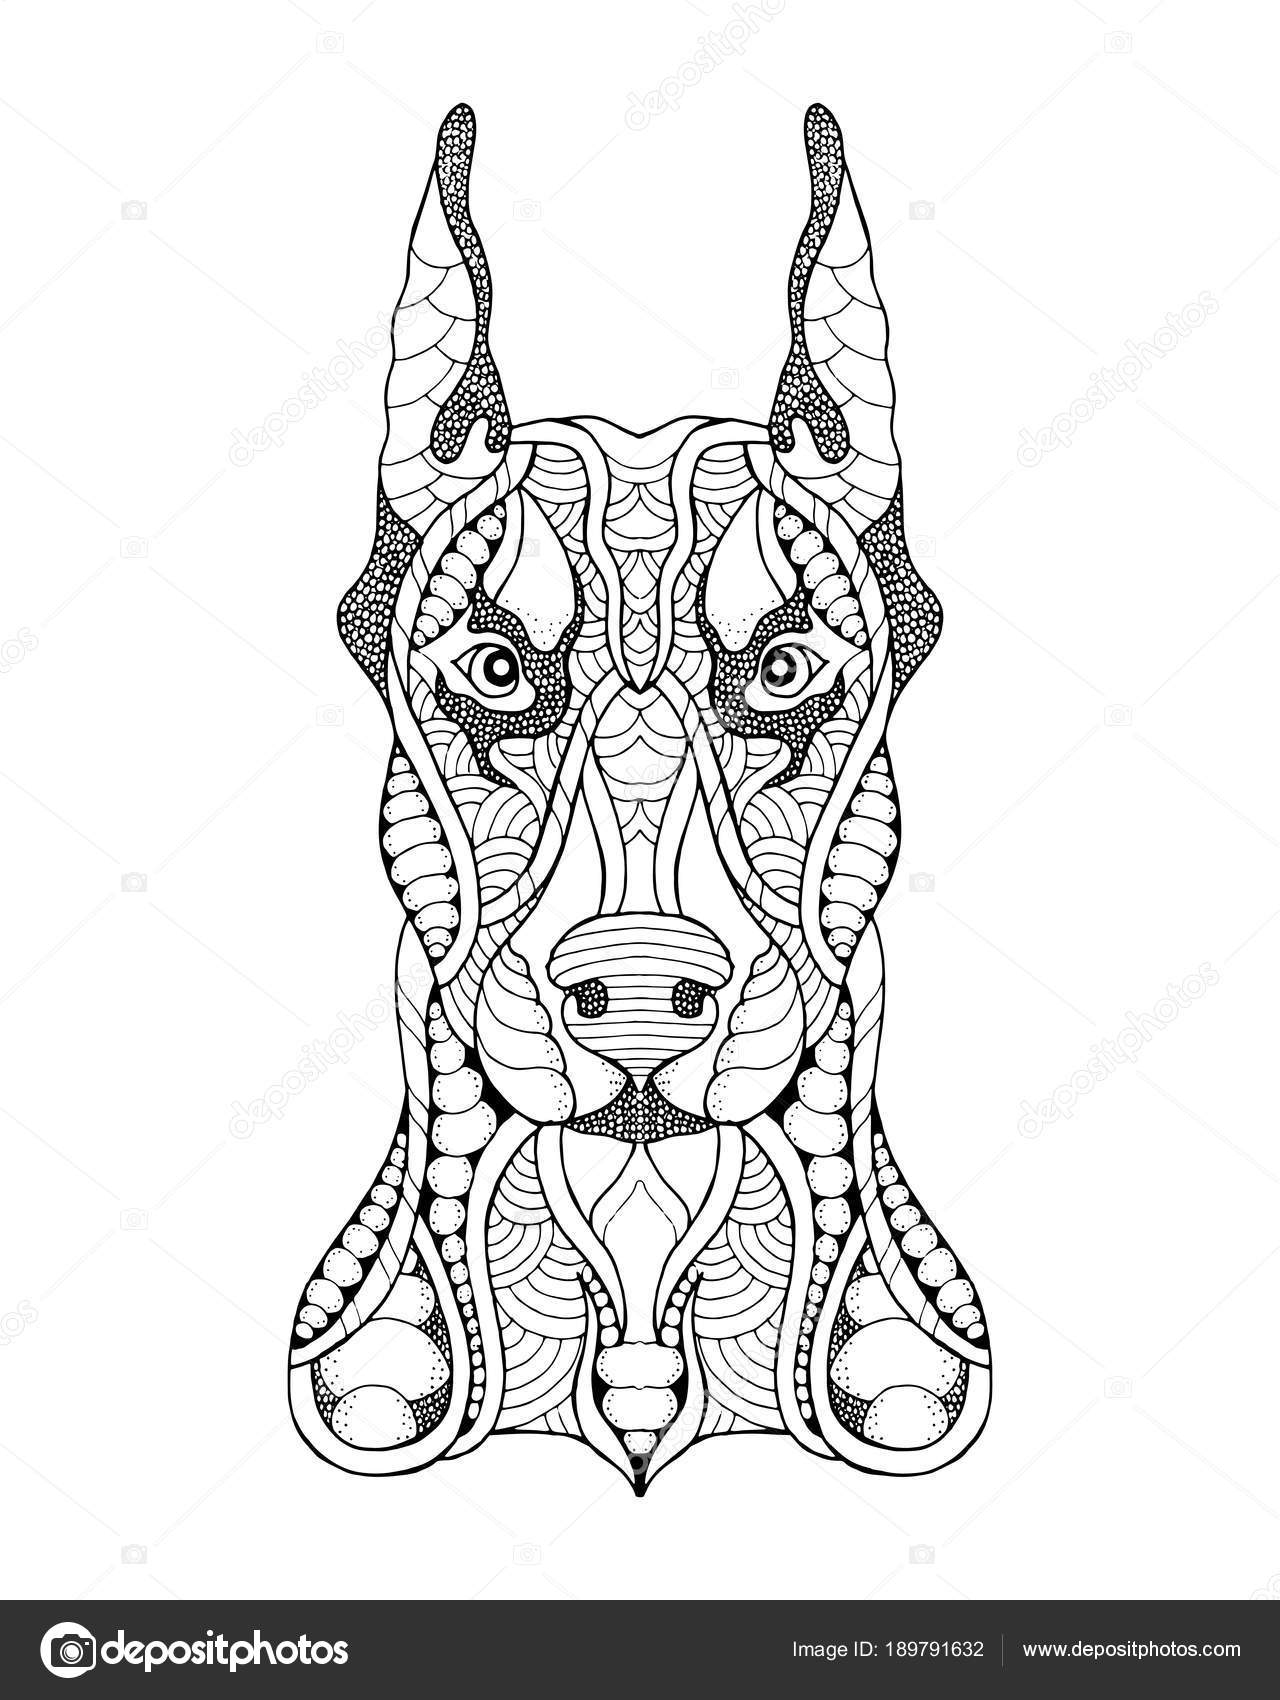 Doberman Pinshcer Perro Zentangle Estilizado Ilustración Vectorial